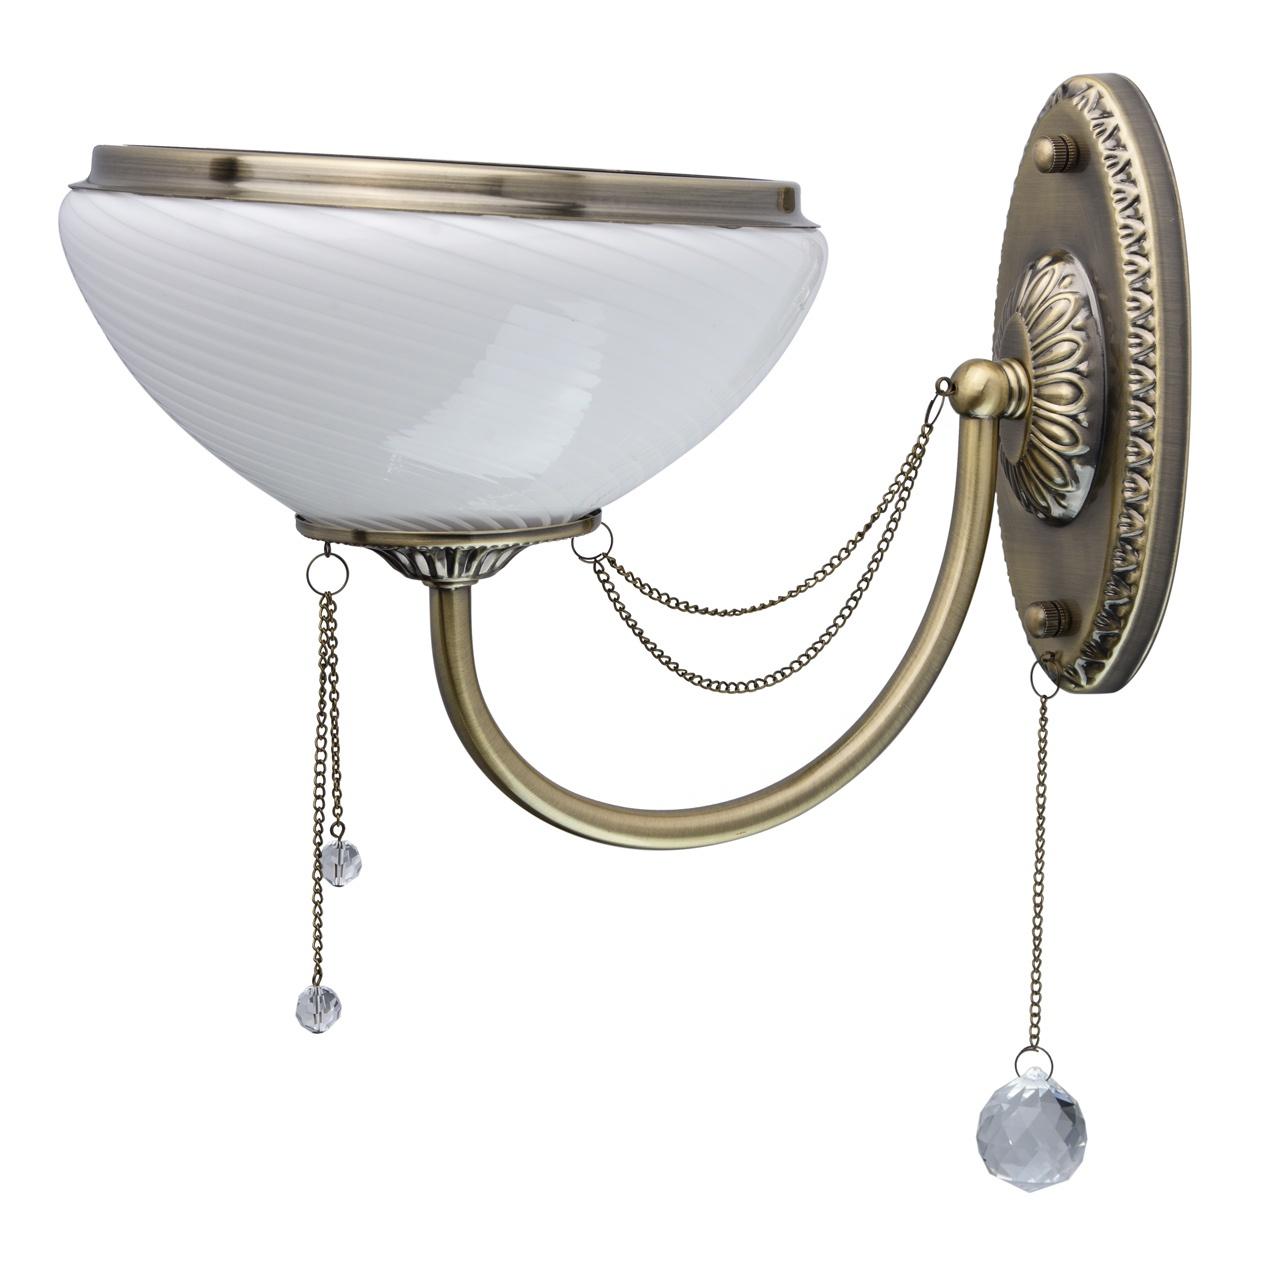 Настенный светильник MW Фелиция, 347028801, бронза бра mw light фелиция 347028801